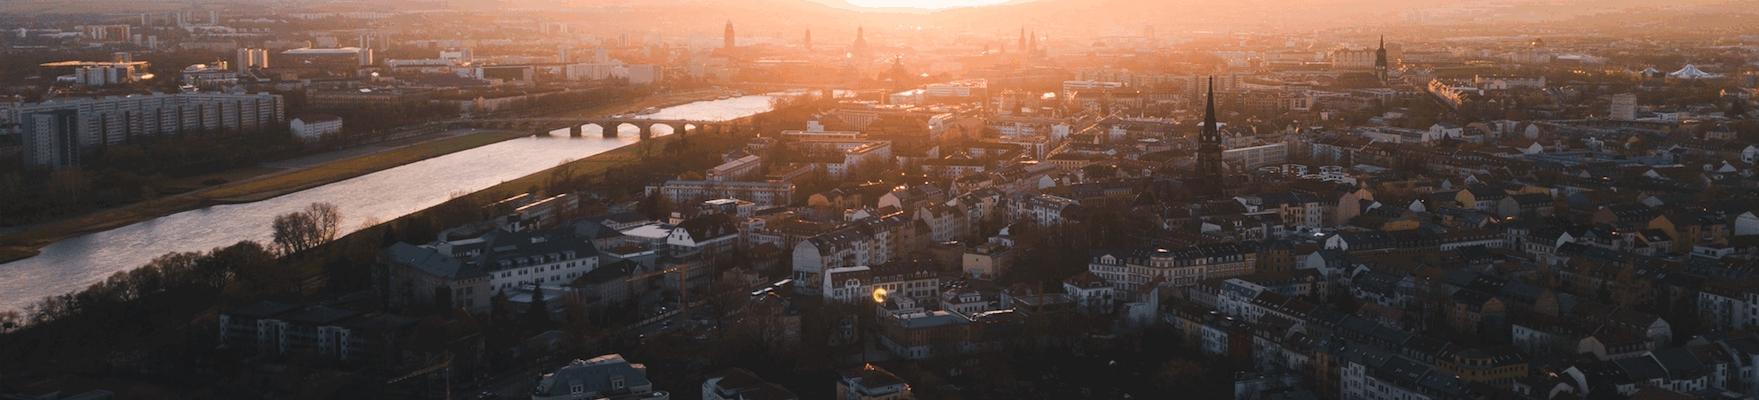 Lustige Stadtrundfahrt in sächischer Mundart Dresden  30.11.